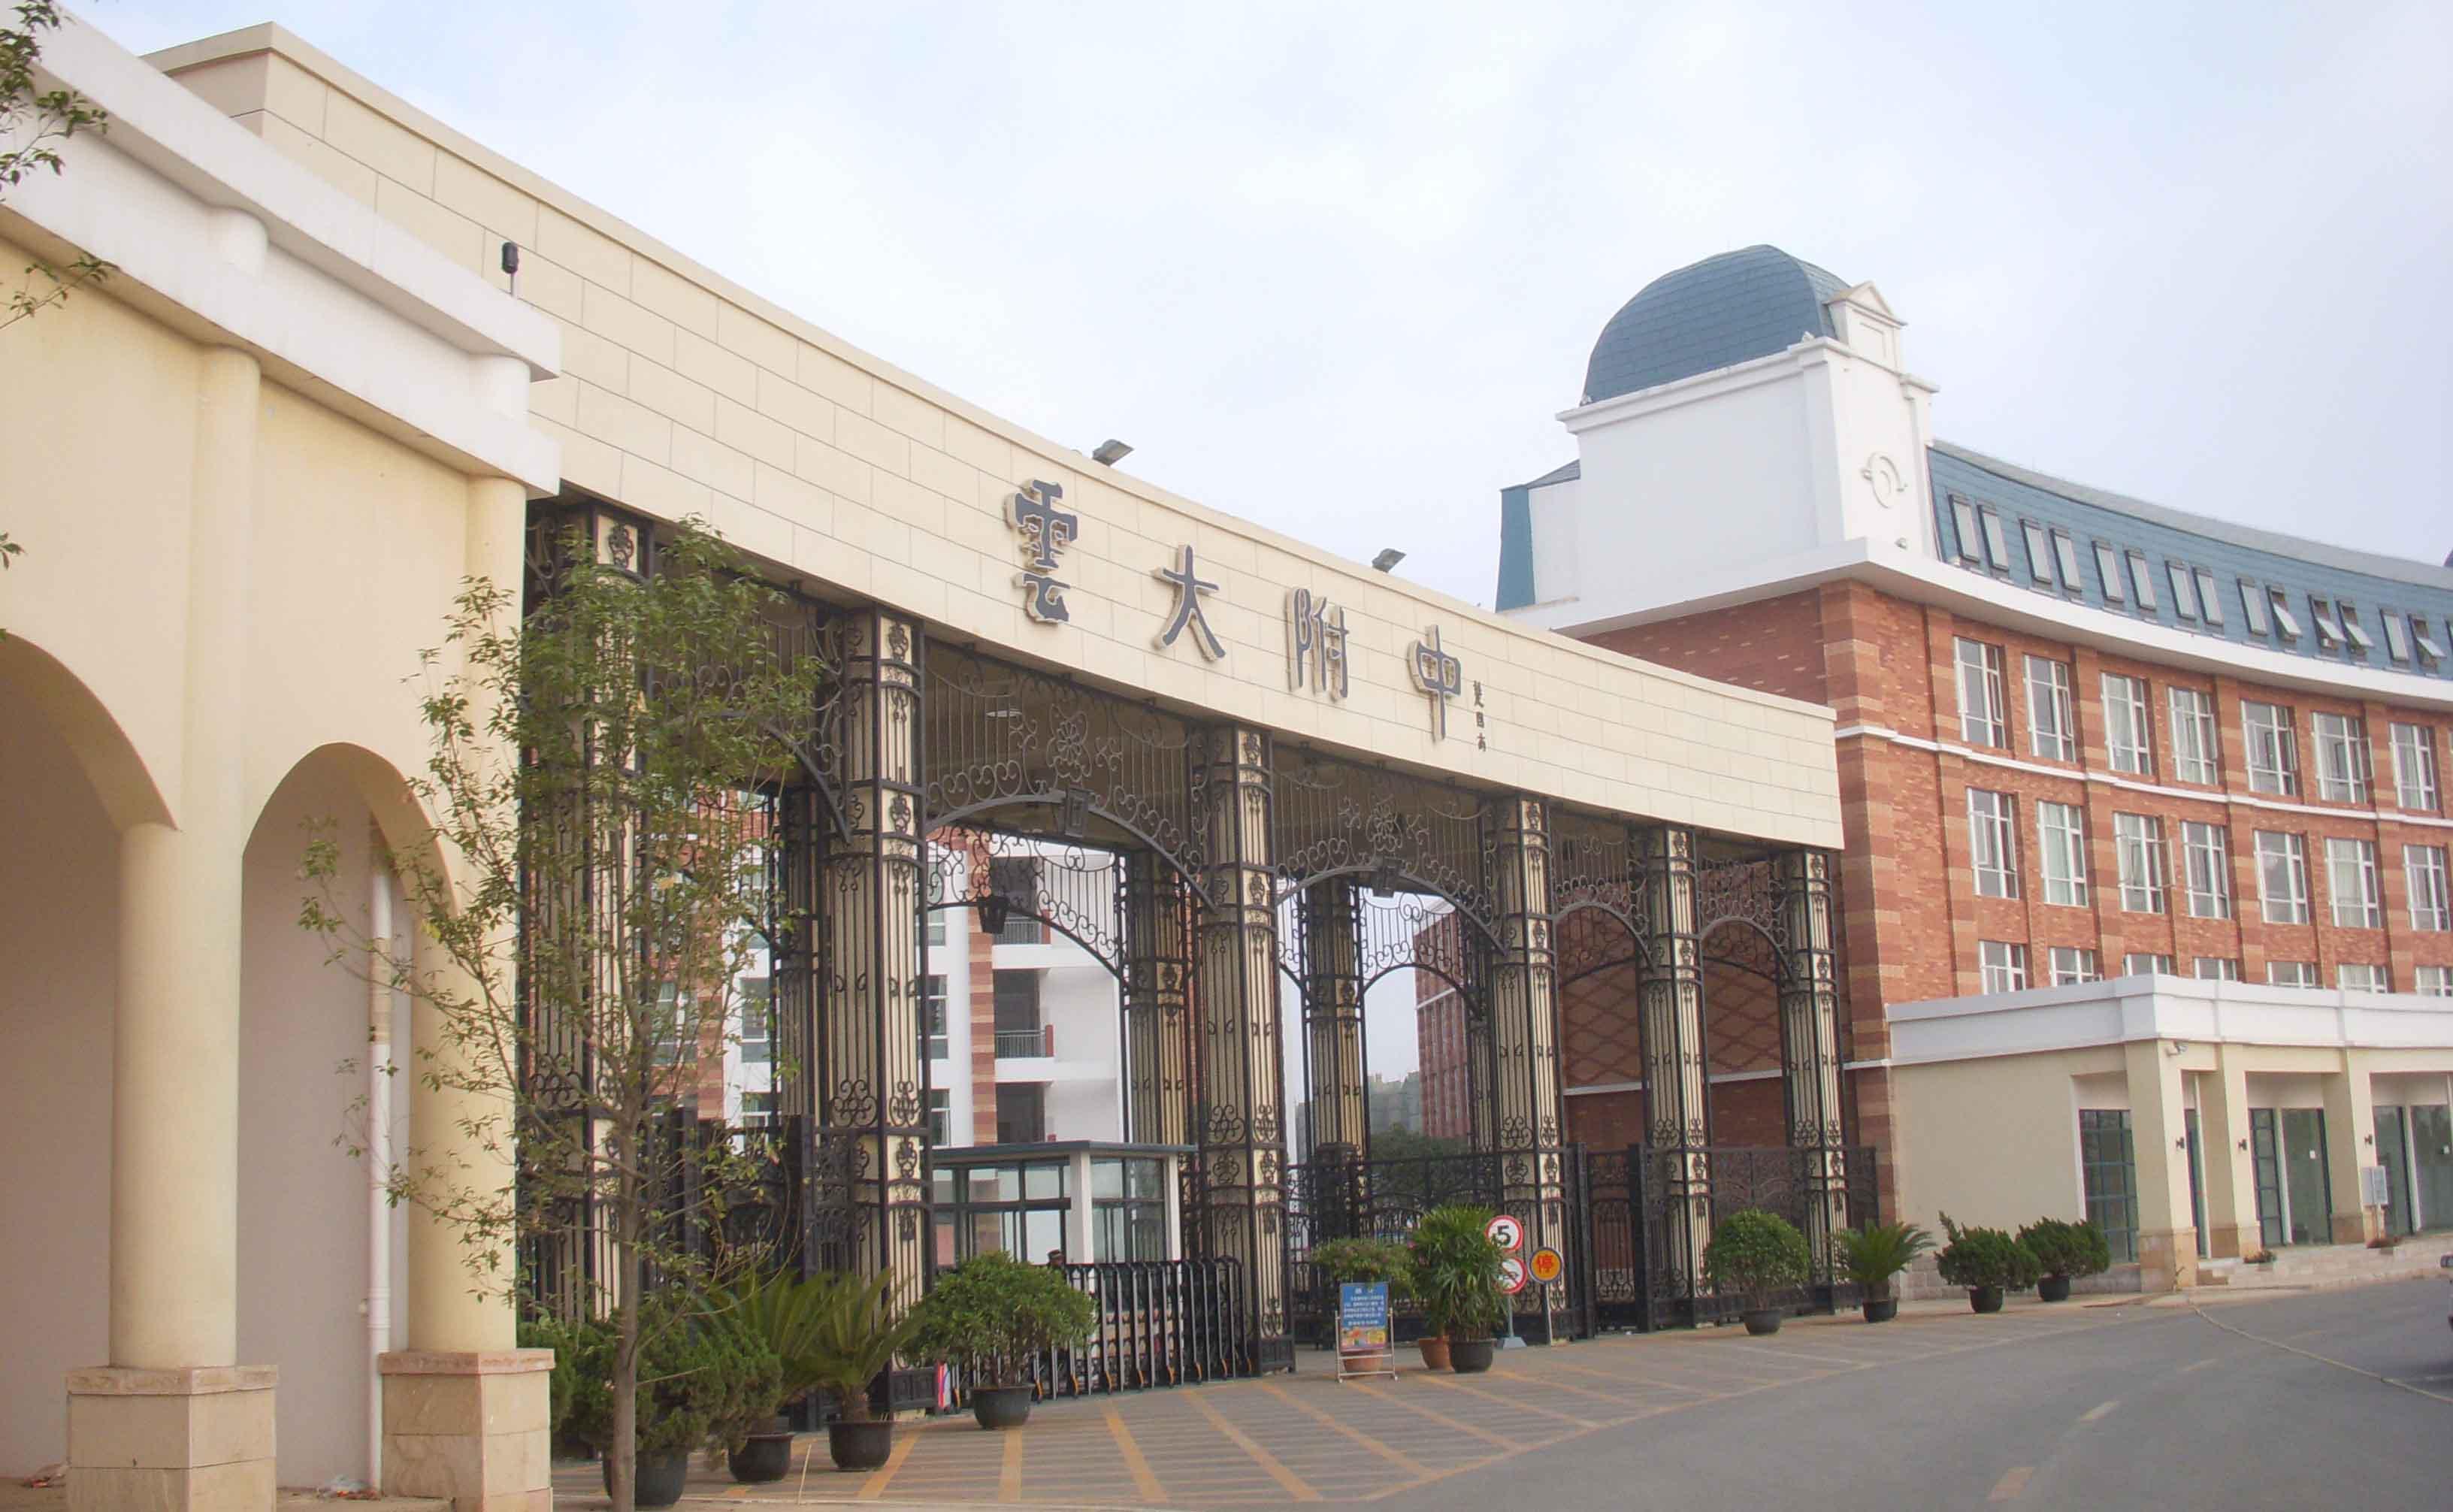 云南大学附属中学(星耀校区)云南大学附属中学(星耀校区)校园环境